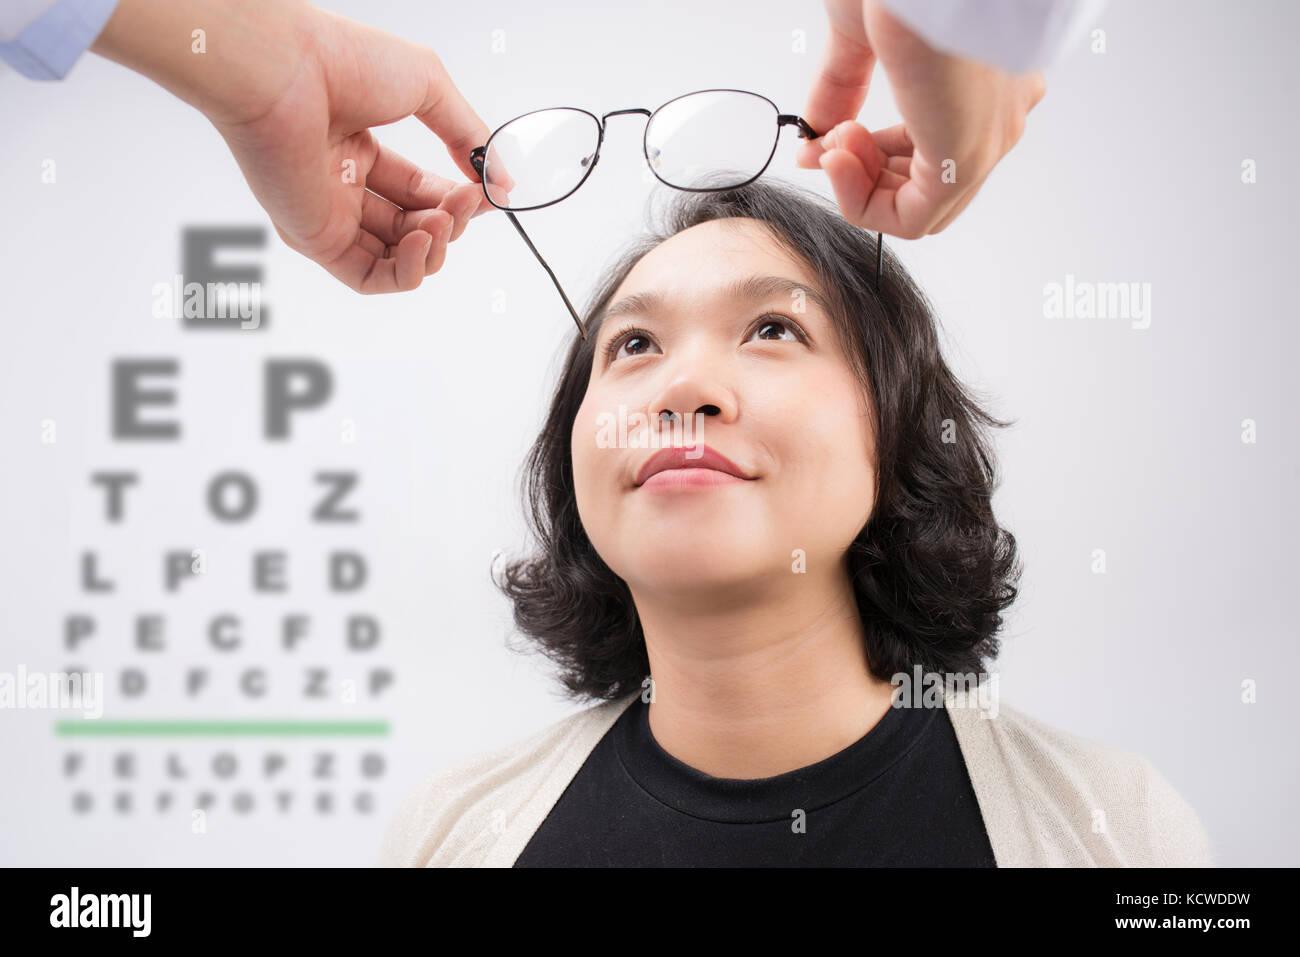 de01ea061371b9 Nouvelles lunettes. optométriste lunettes femme asiatique donnant à essayer